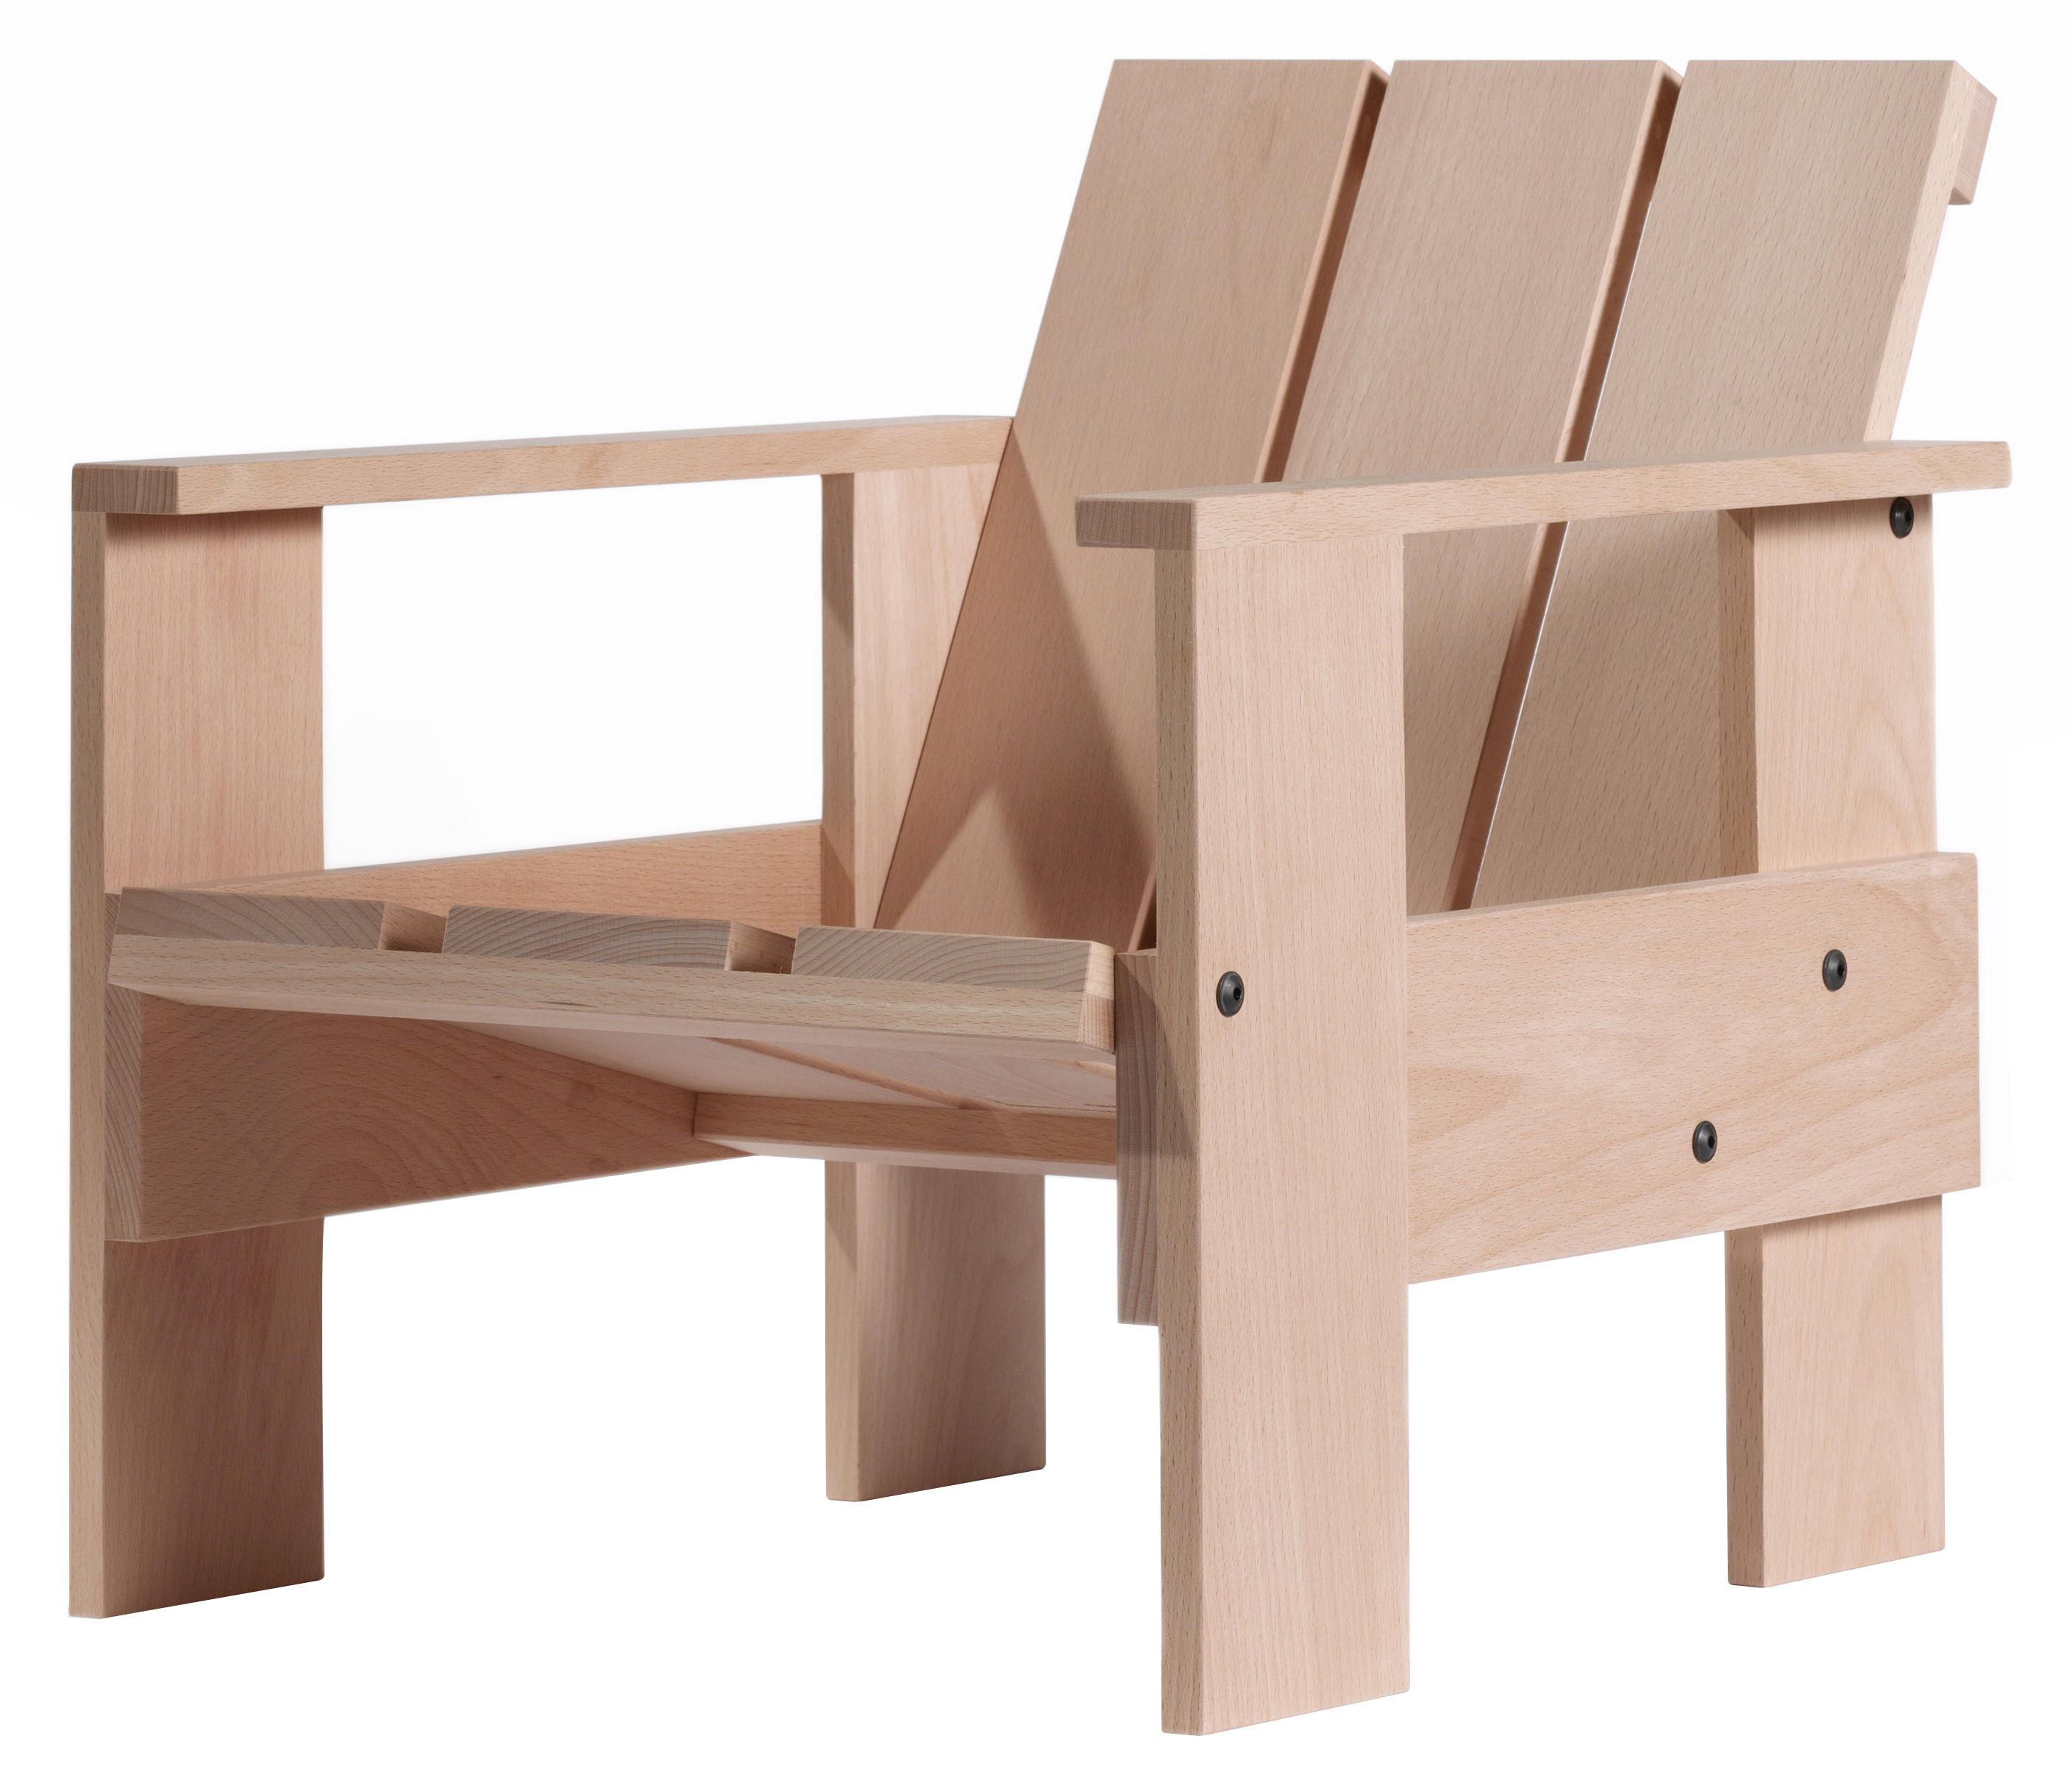 Scopri poltrona bambini crate chair junior faggio for Poltrona bambini